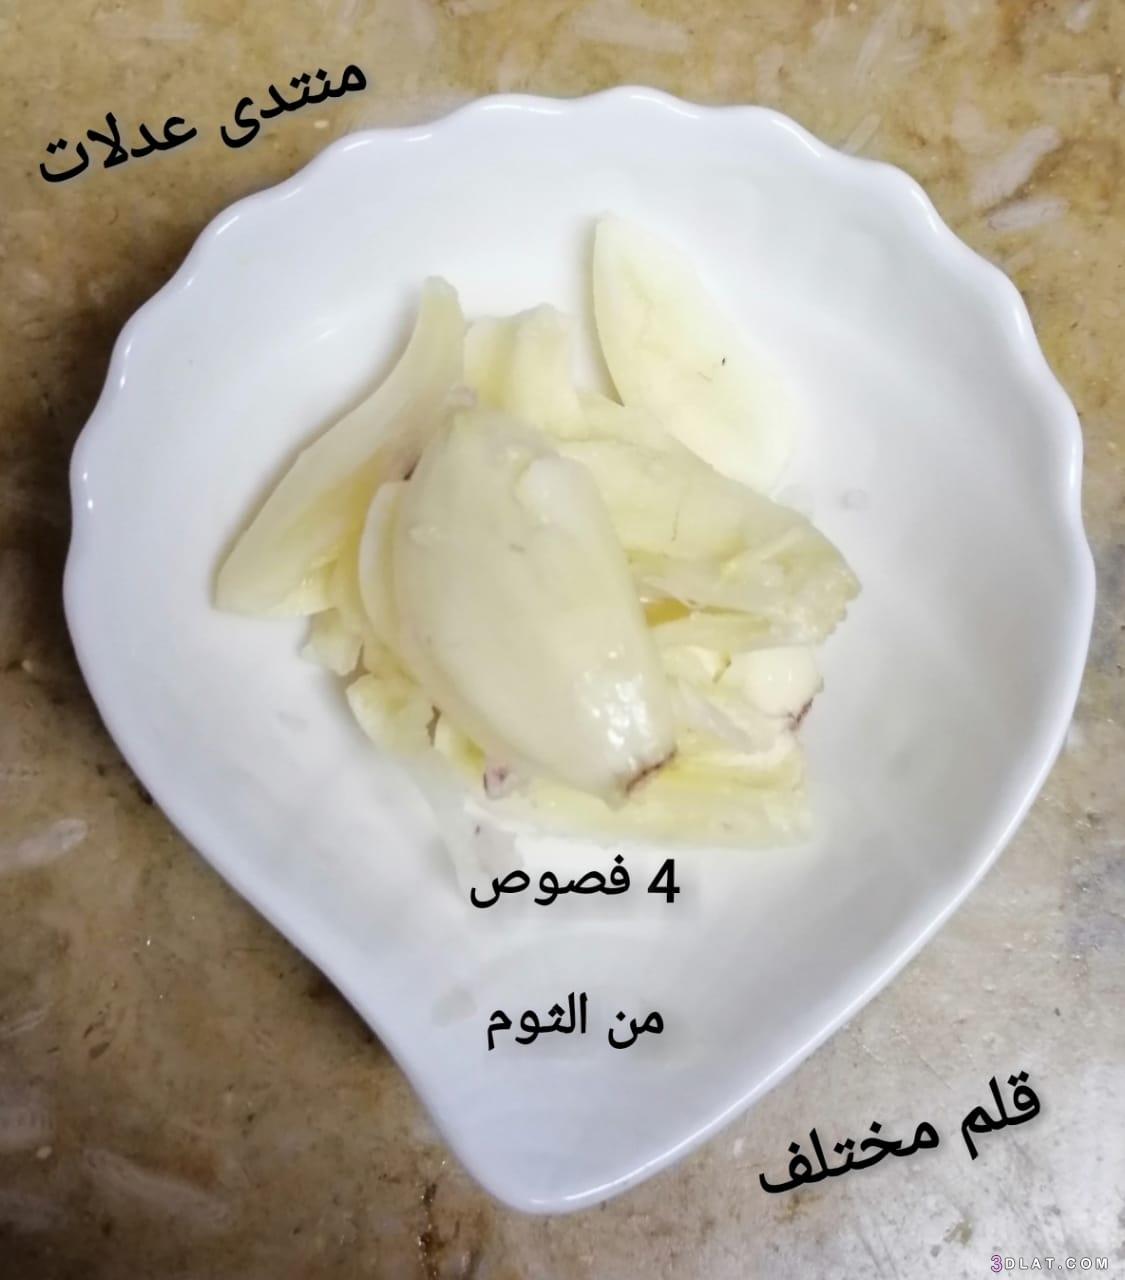 مطبخي ((قطع الدجاج الخضروات)) 3dlat.com_29_18_0729